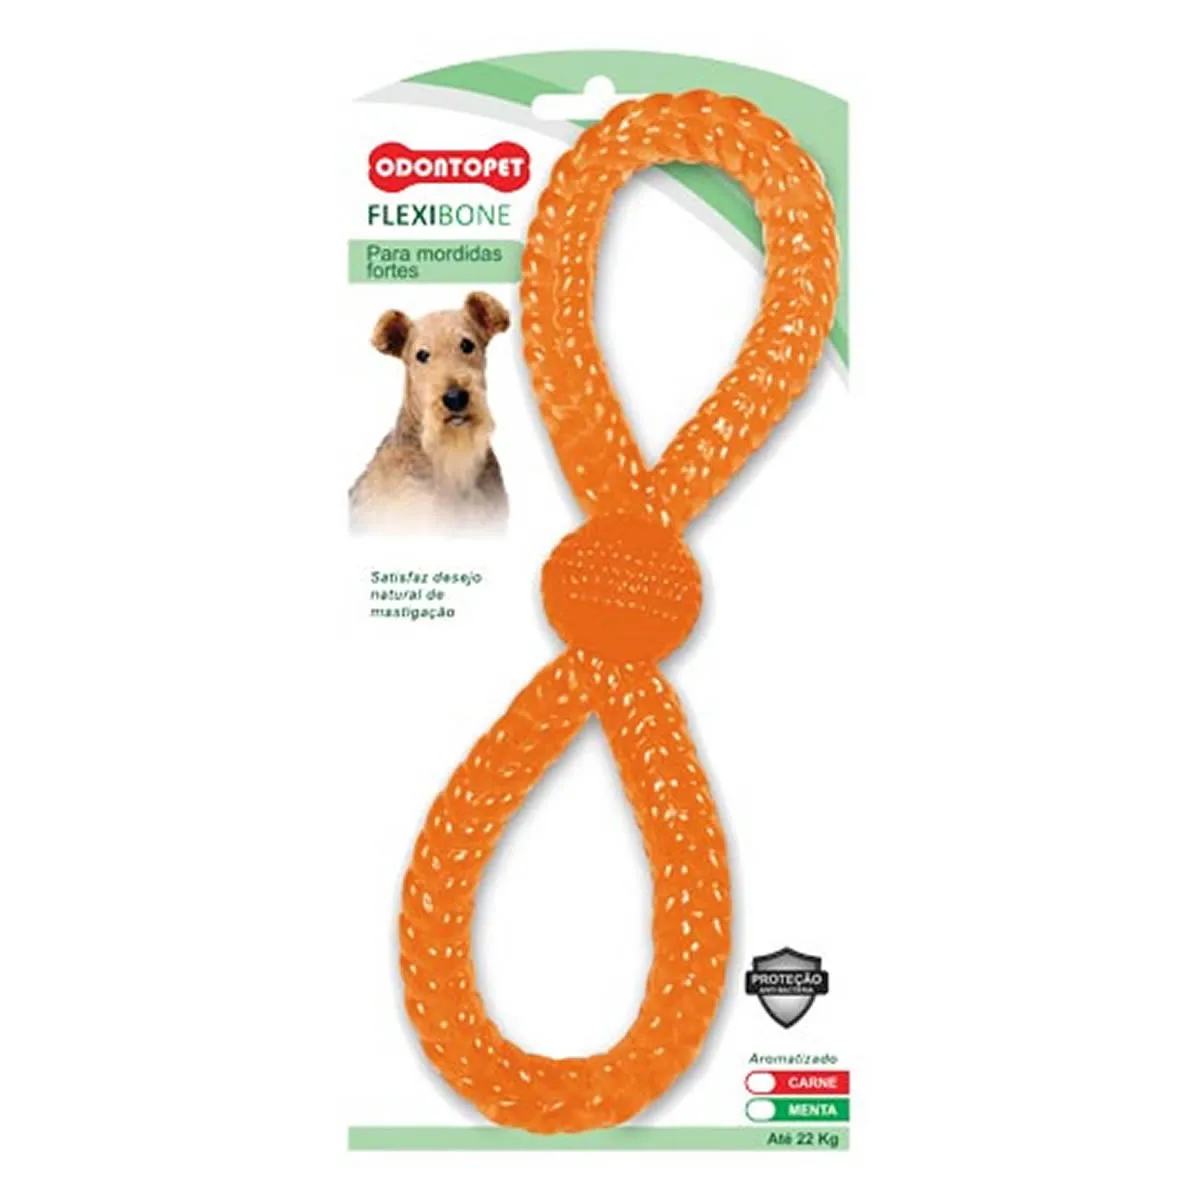 Brinquedo para Cachorro Argola Dupla Flexibone Odontopet Laranja